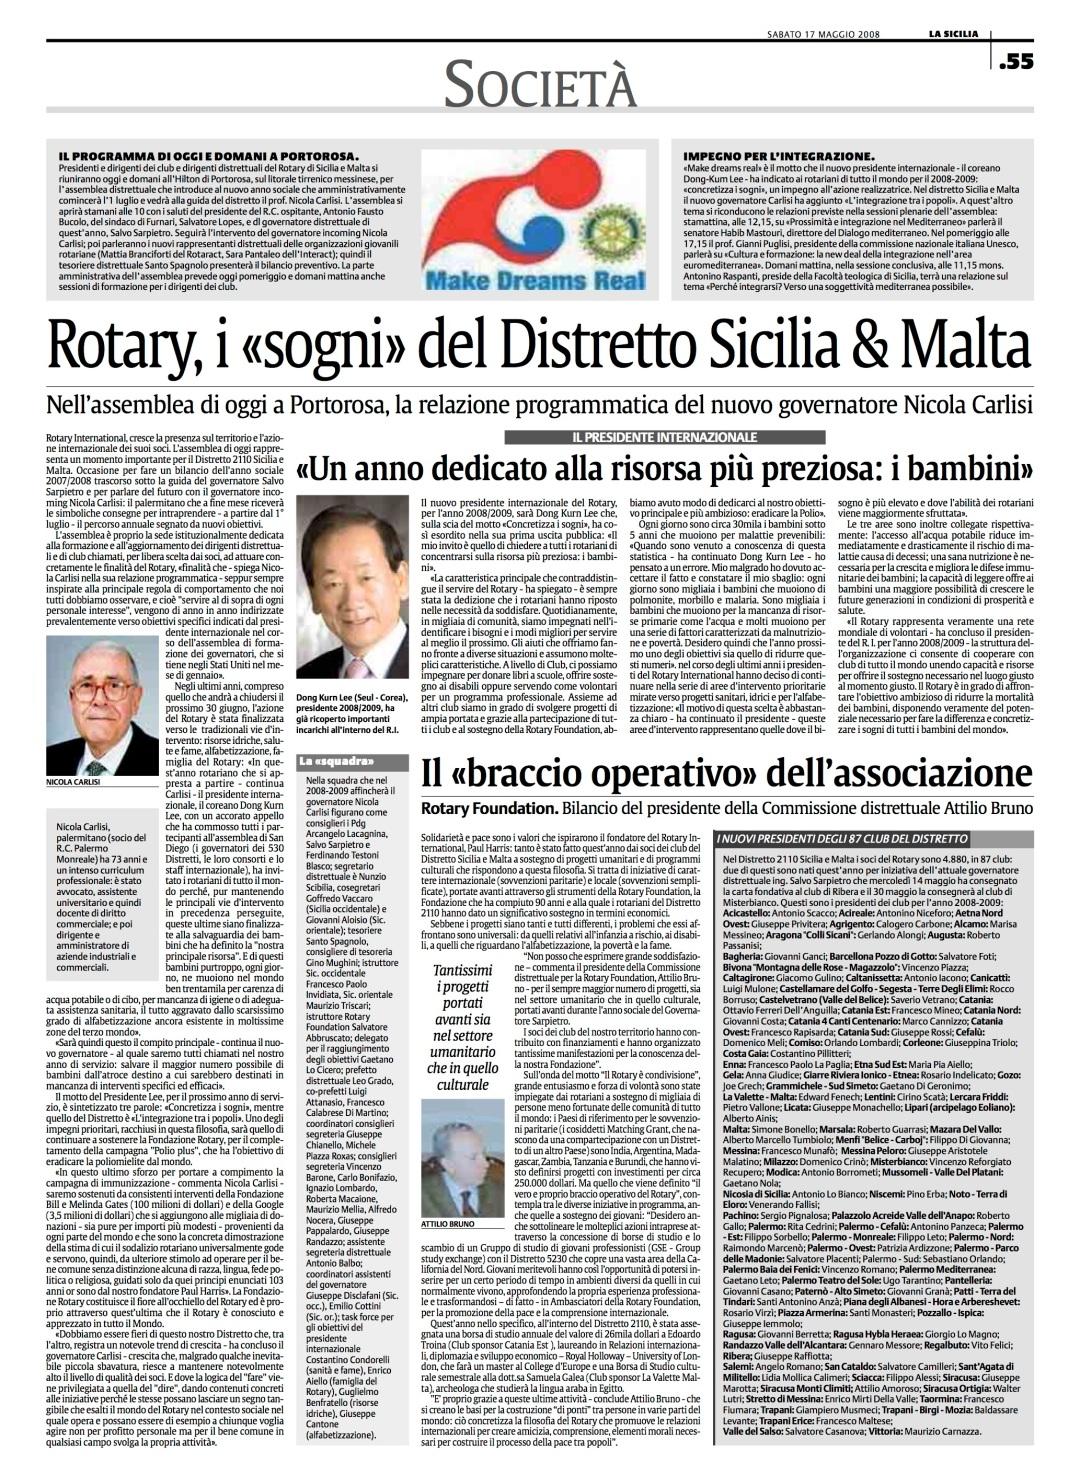 rotary-i-sogni-del-distretto-sicilia-malta